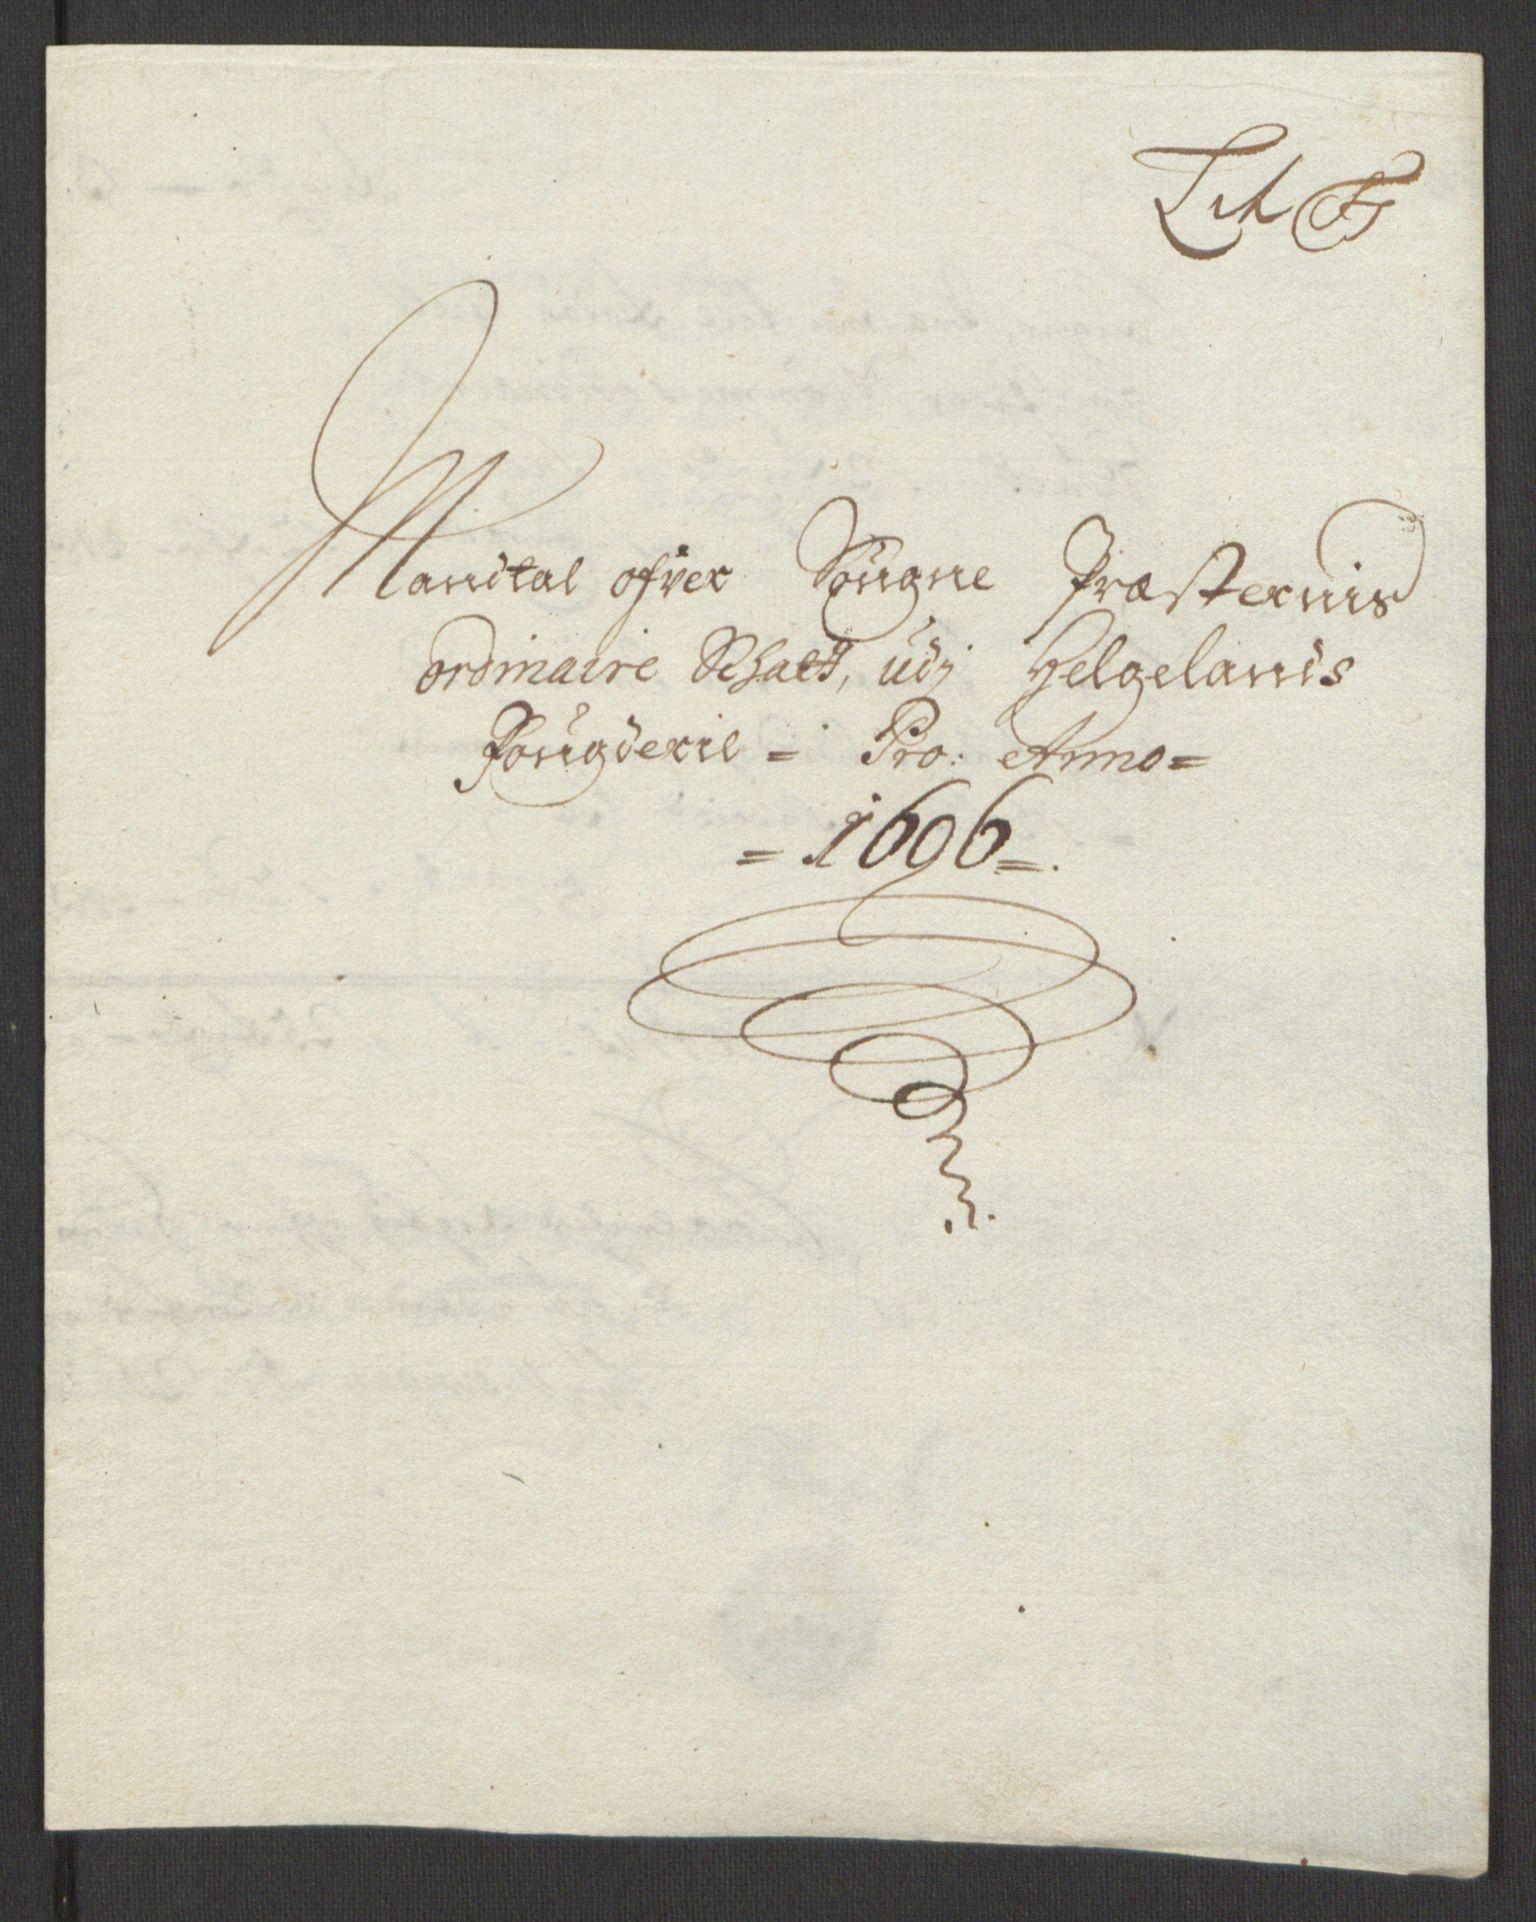 RA, Rentekammeret inntil 1814, Reviderte regnskaper, Fogderegnskap, R65/L4505: Fogderegnskap Helgeland, 1693-1696, s. 509